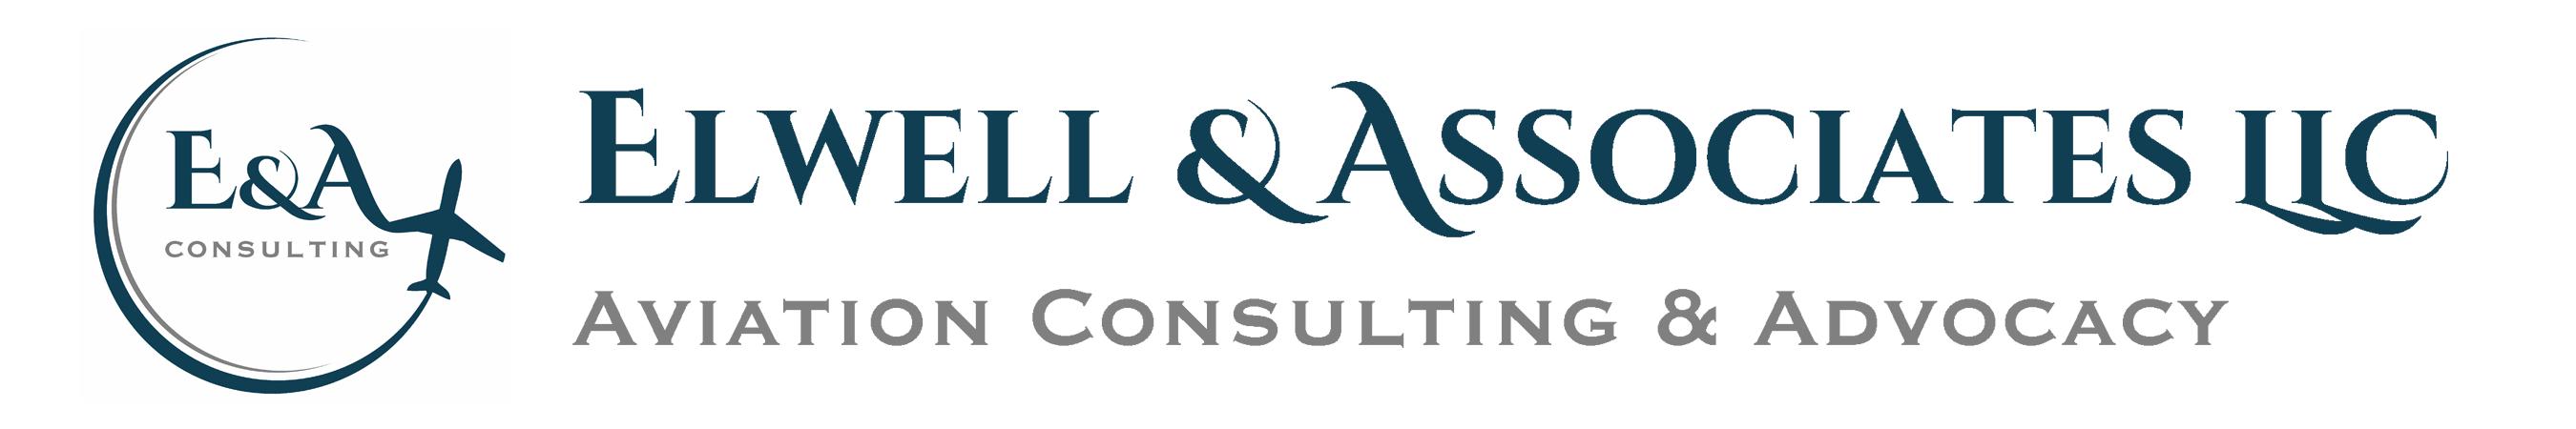 Elwell Associates